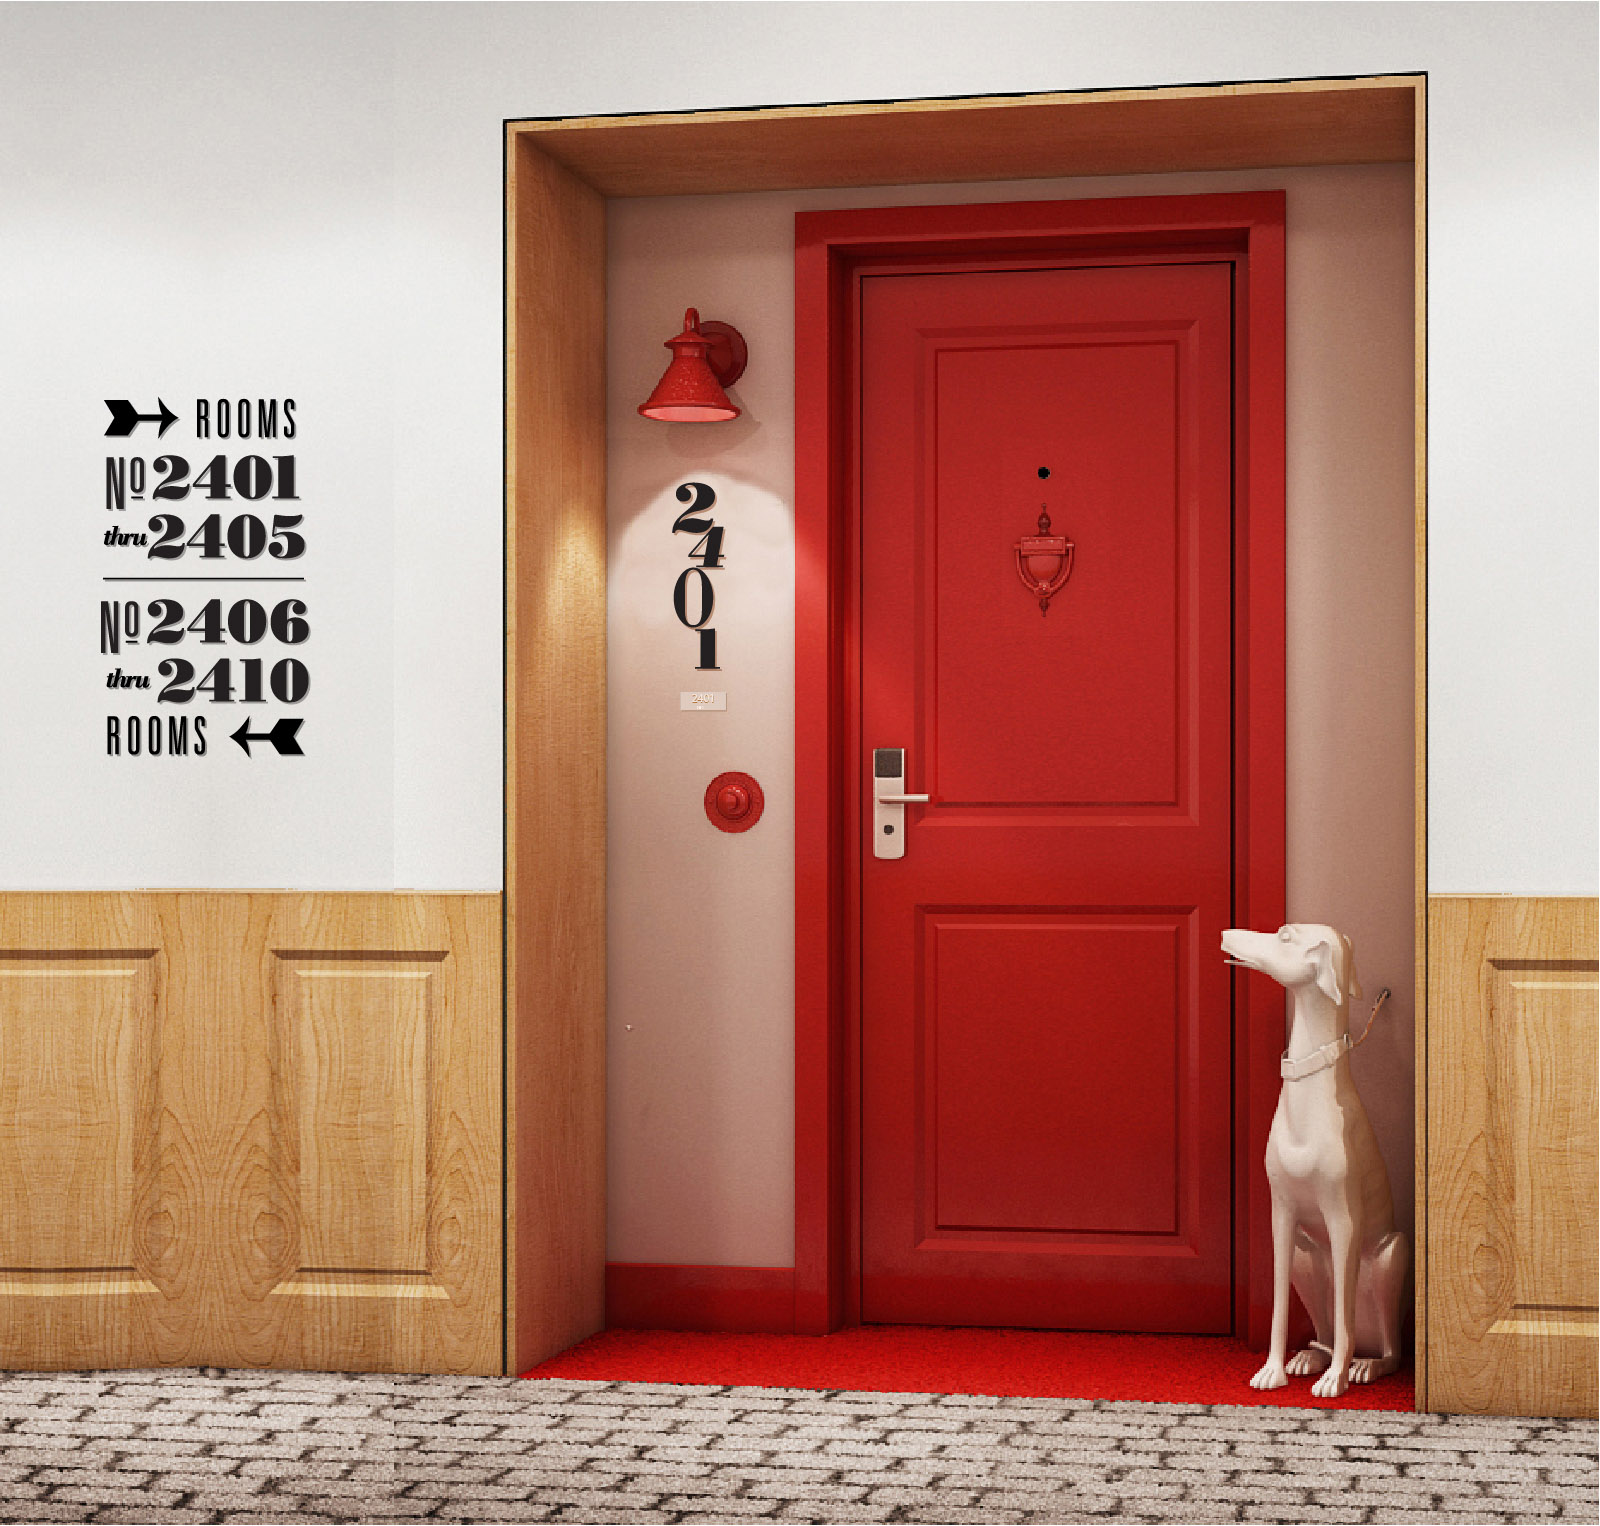 Virgin_corridor.jpg